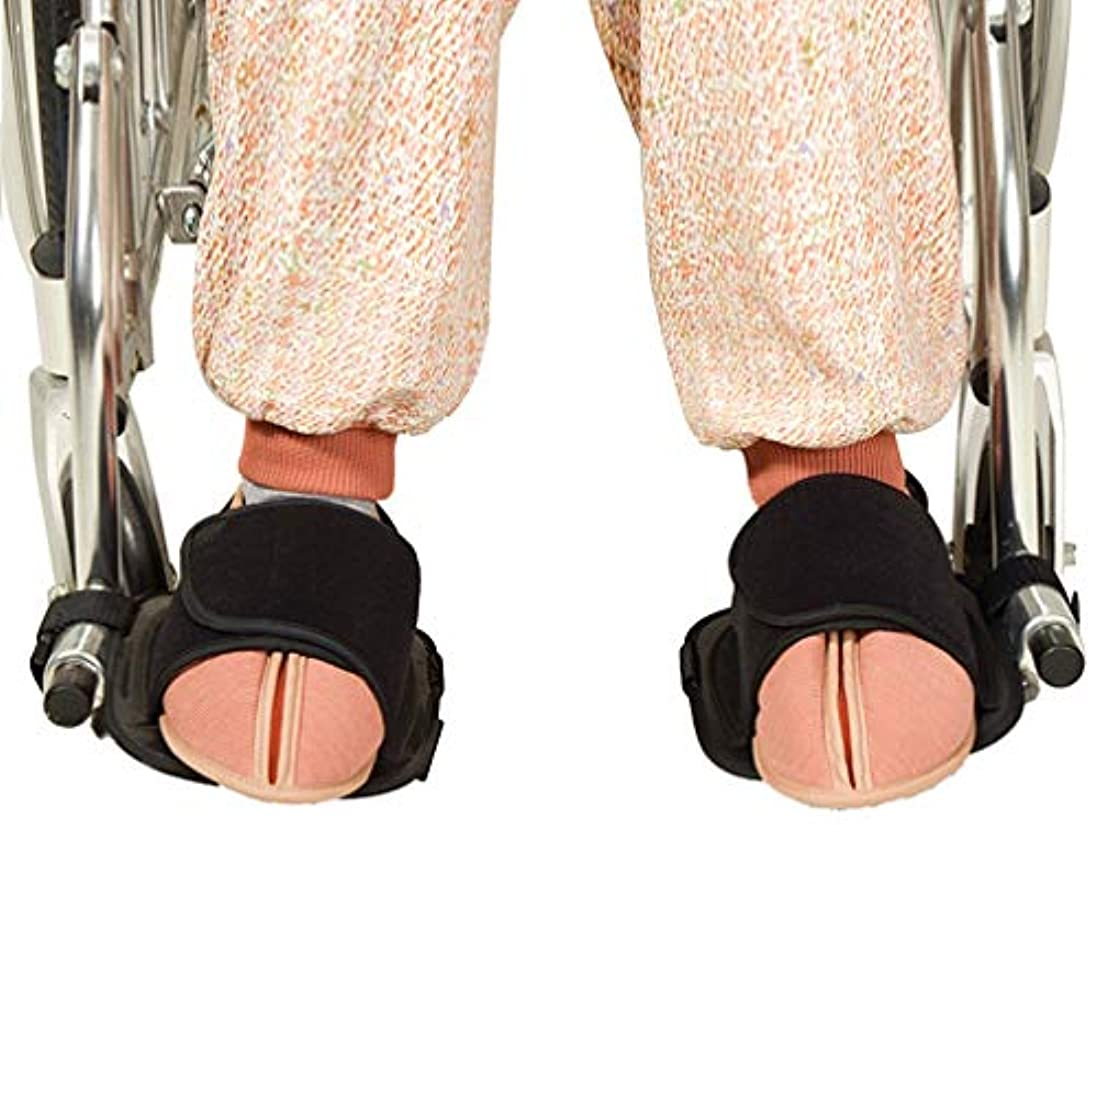 こするバング甘くする車いす安全拘束靴 - メディカルフット滑り止めの試験官を - - 車椅子ペダルフット休符男性女性から滑り落ちるの足をキープ高齢患者ハンディキャップのために回復